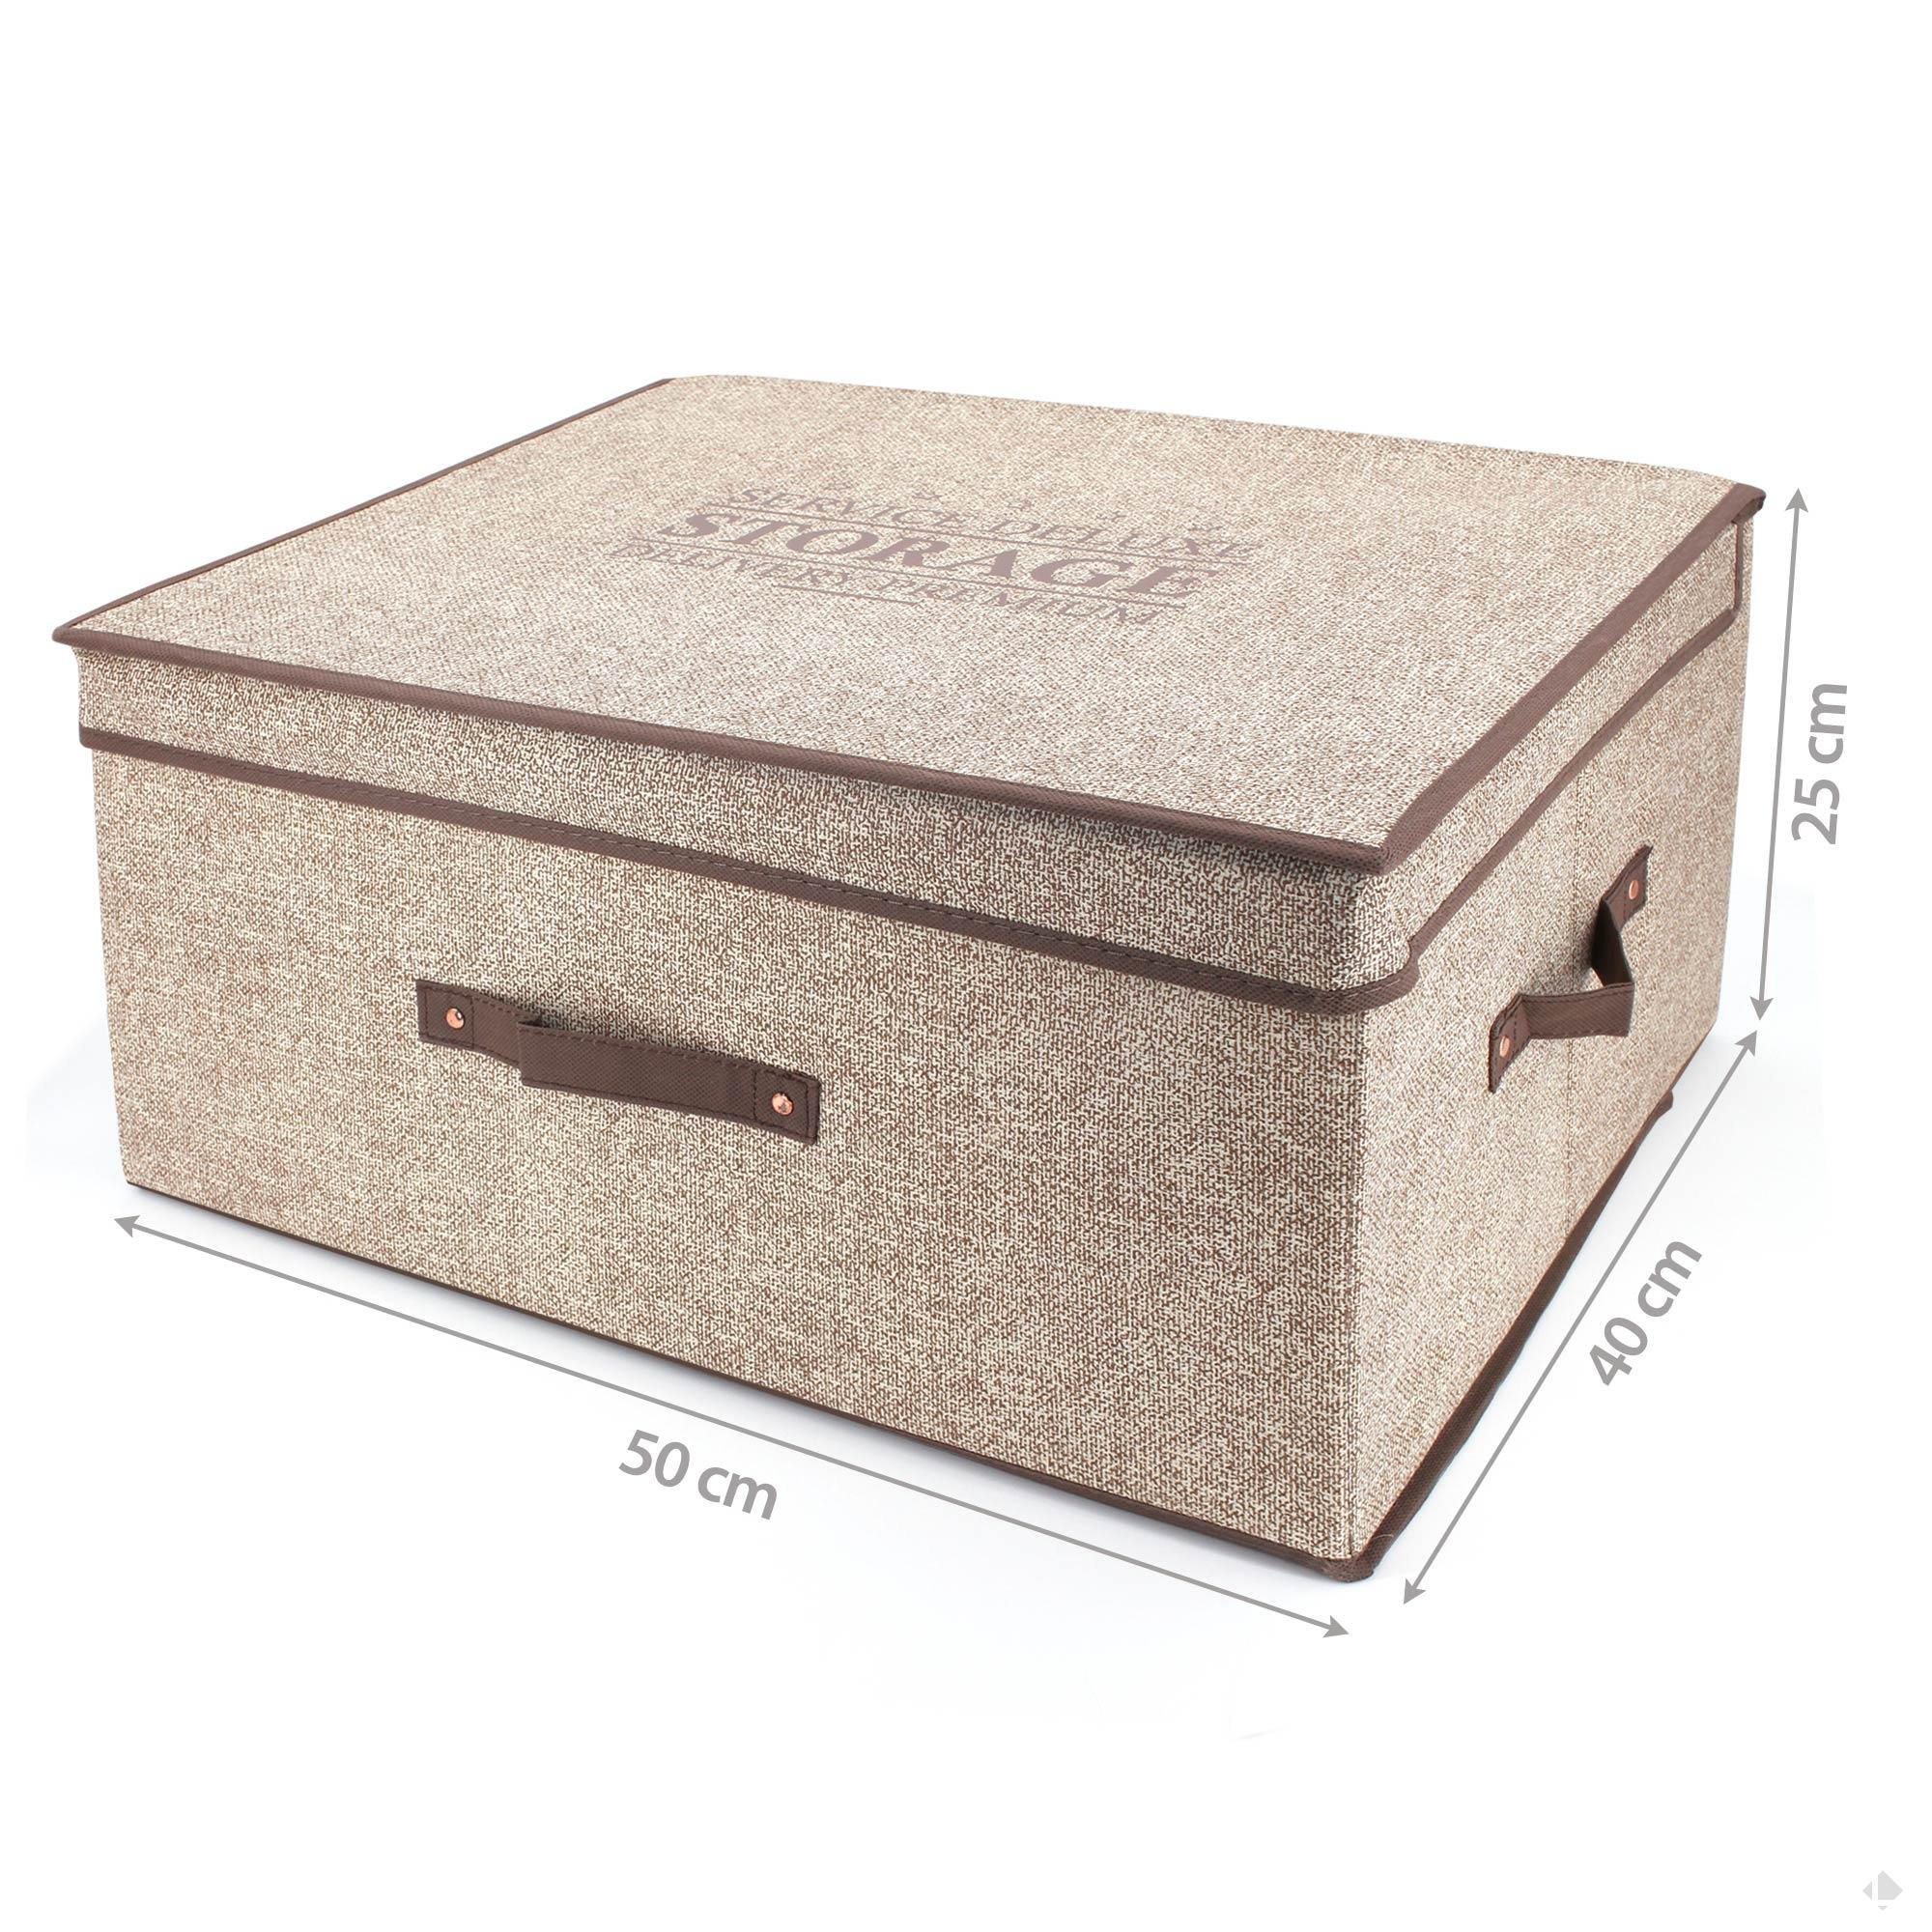 Boite de rangement DELUXE en carton avec revêtement non tissé 50L marron   Linnea, linge de ...